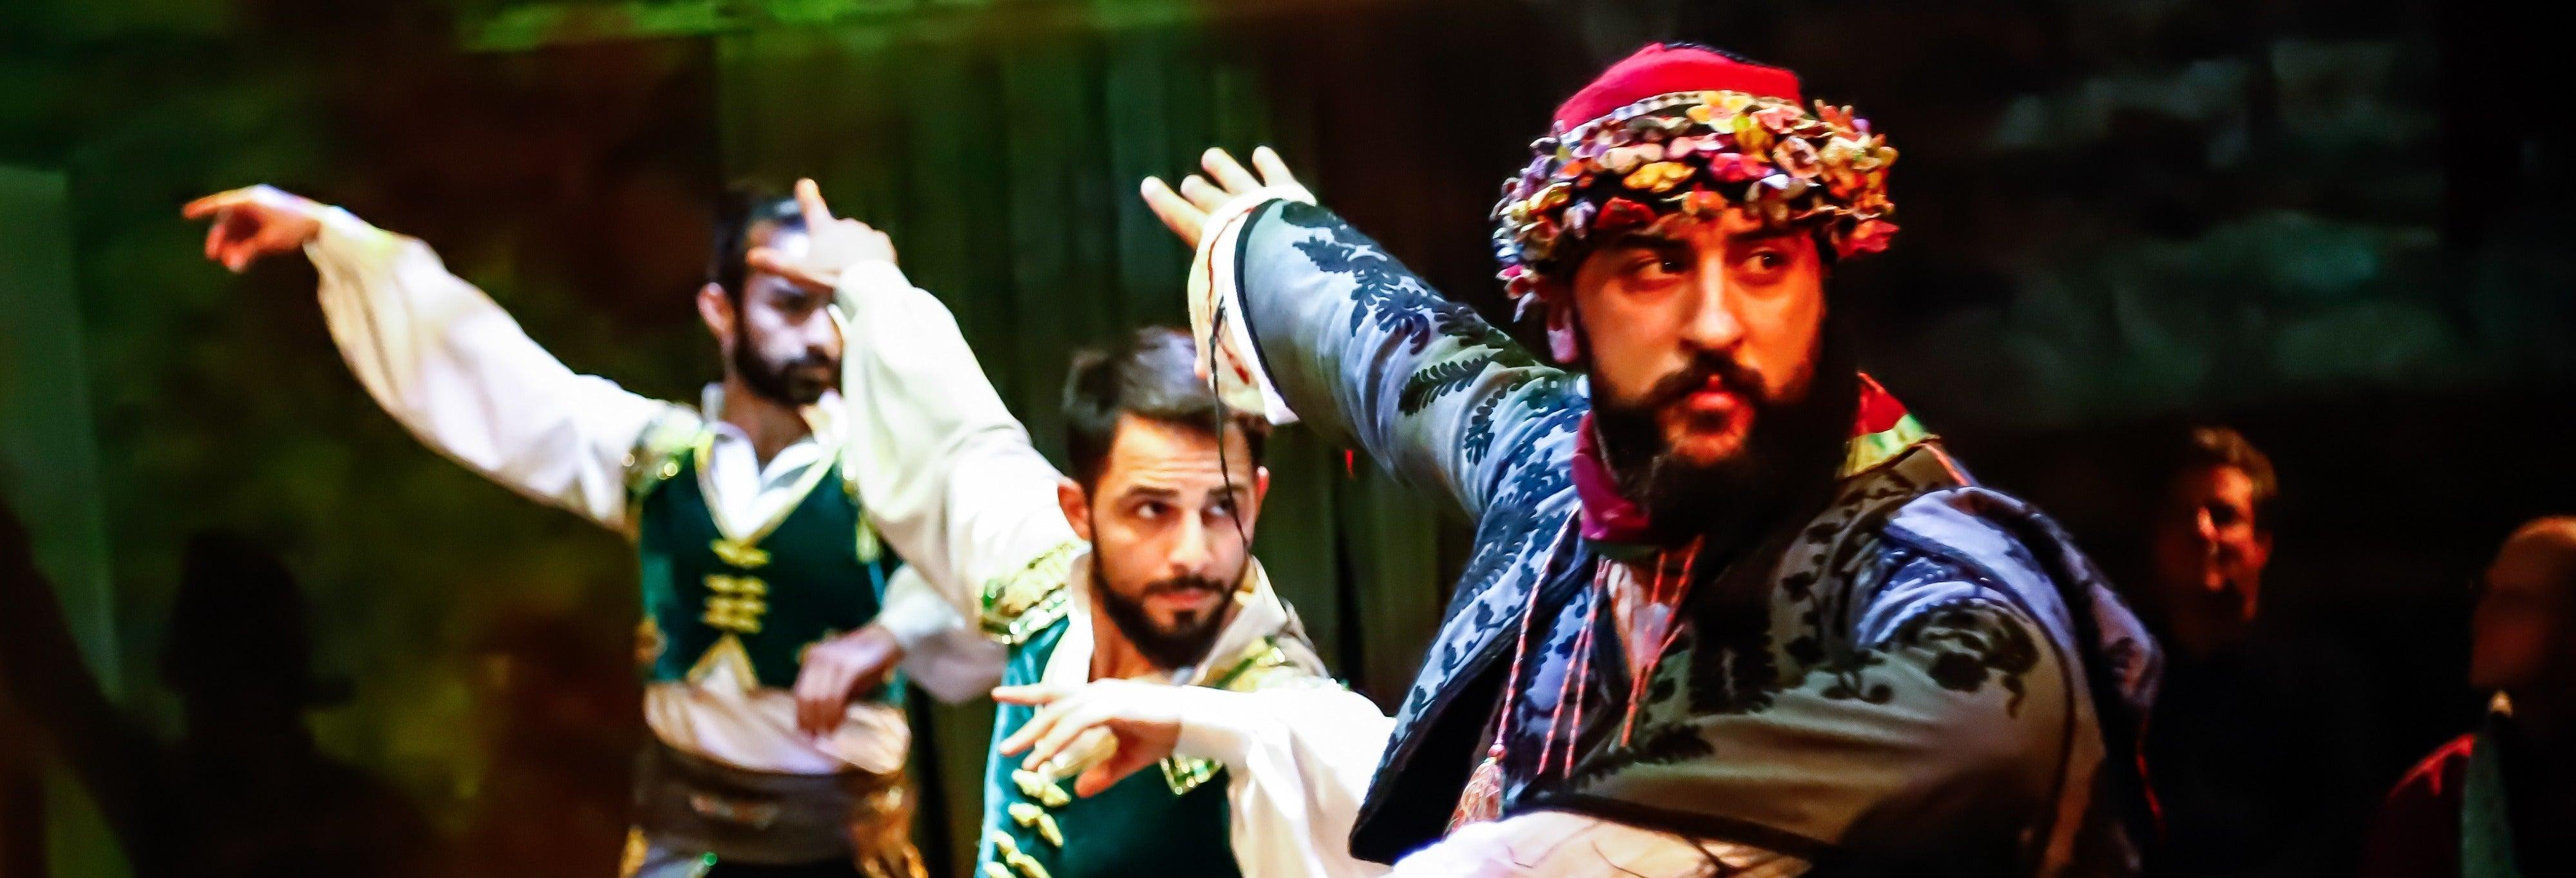 Espetáculo de música e dança tradicional